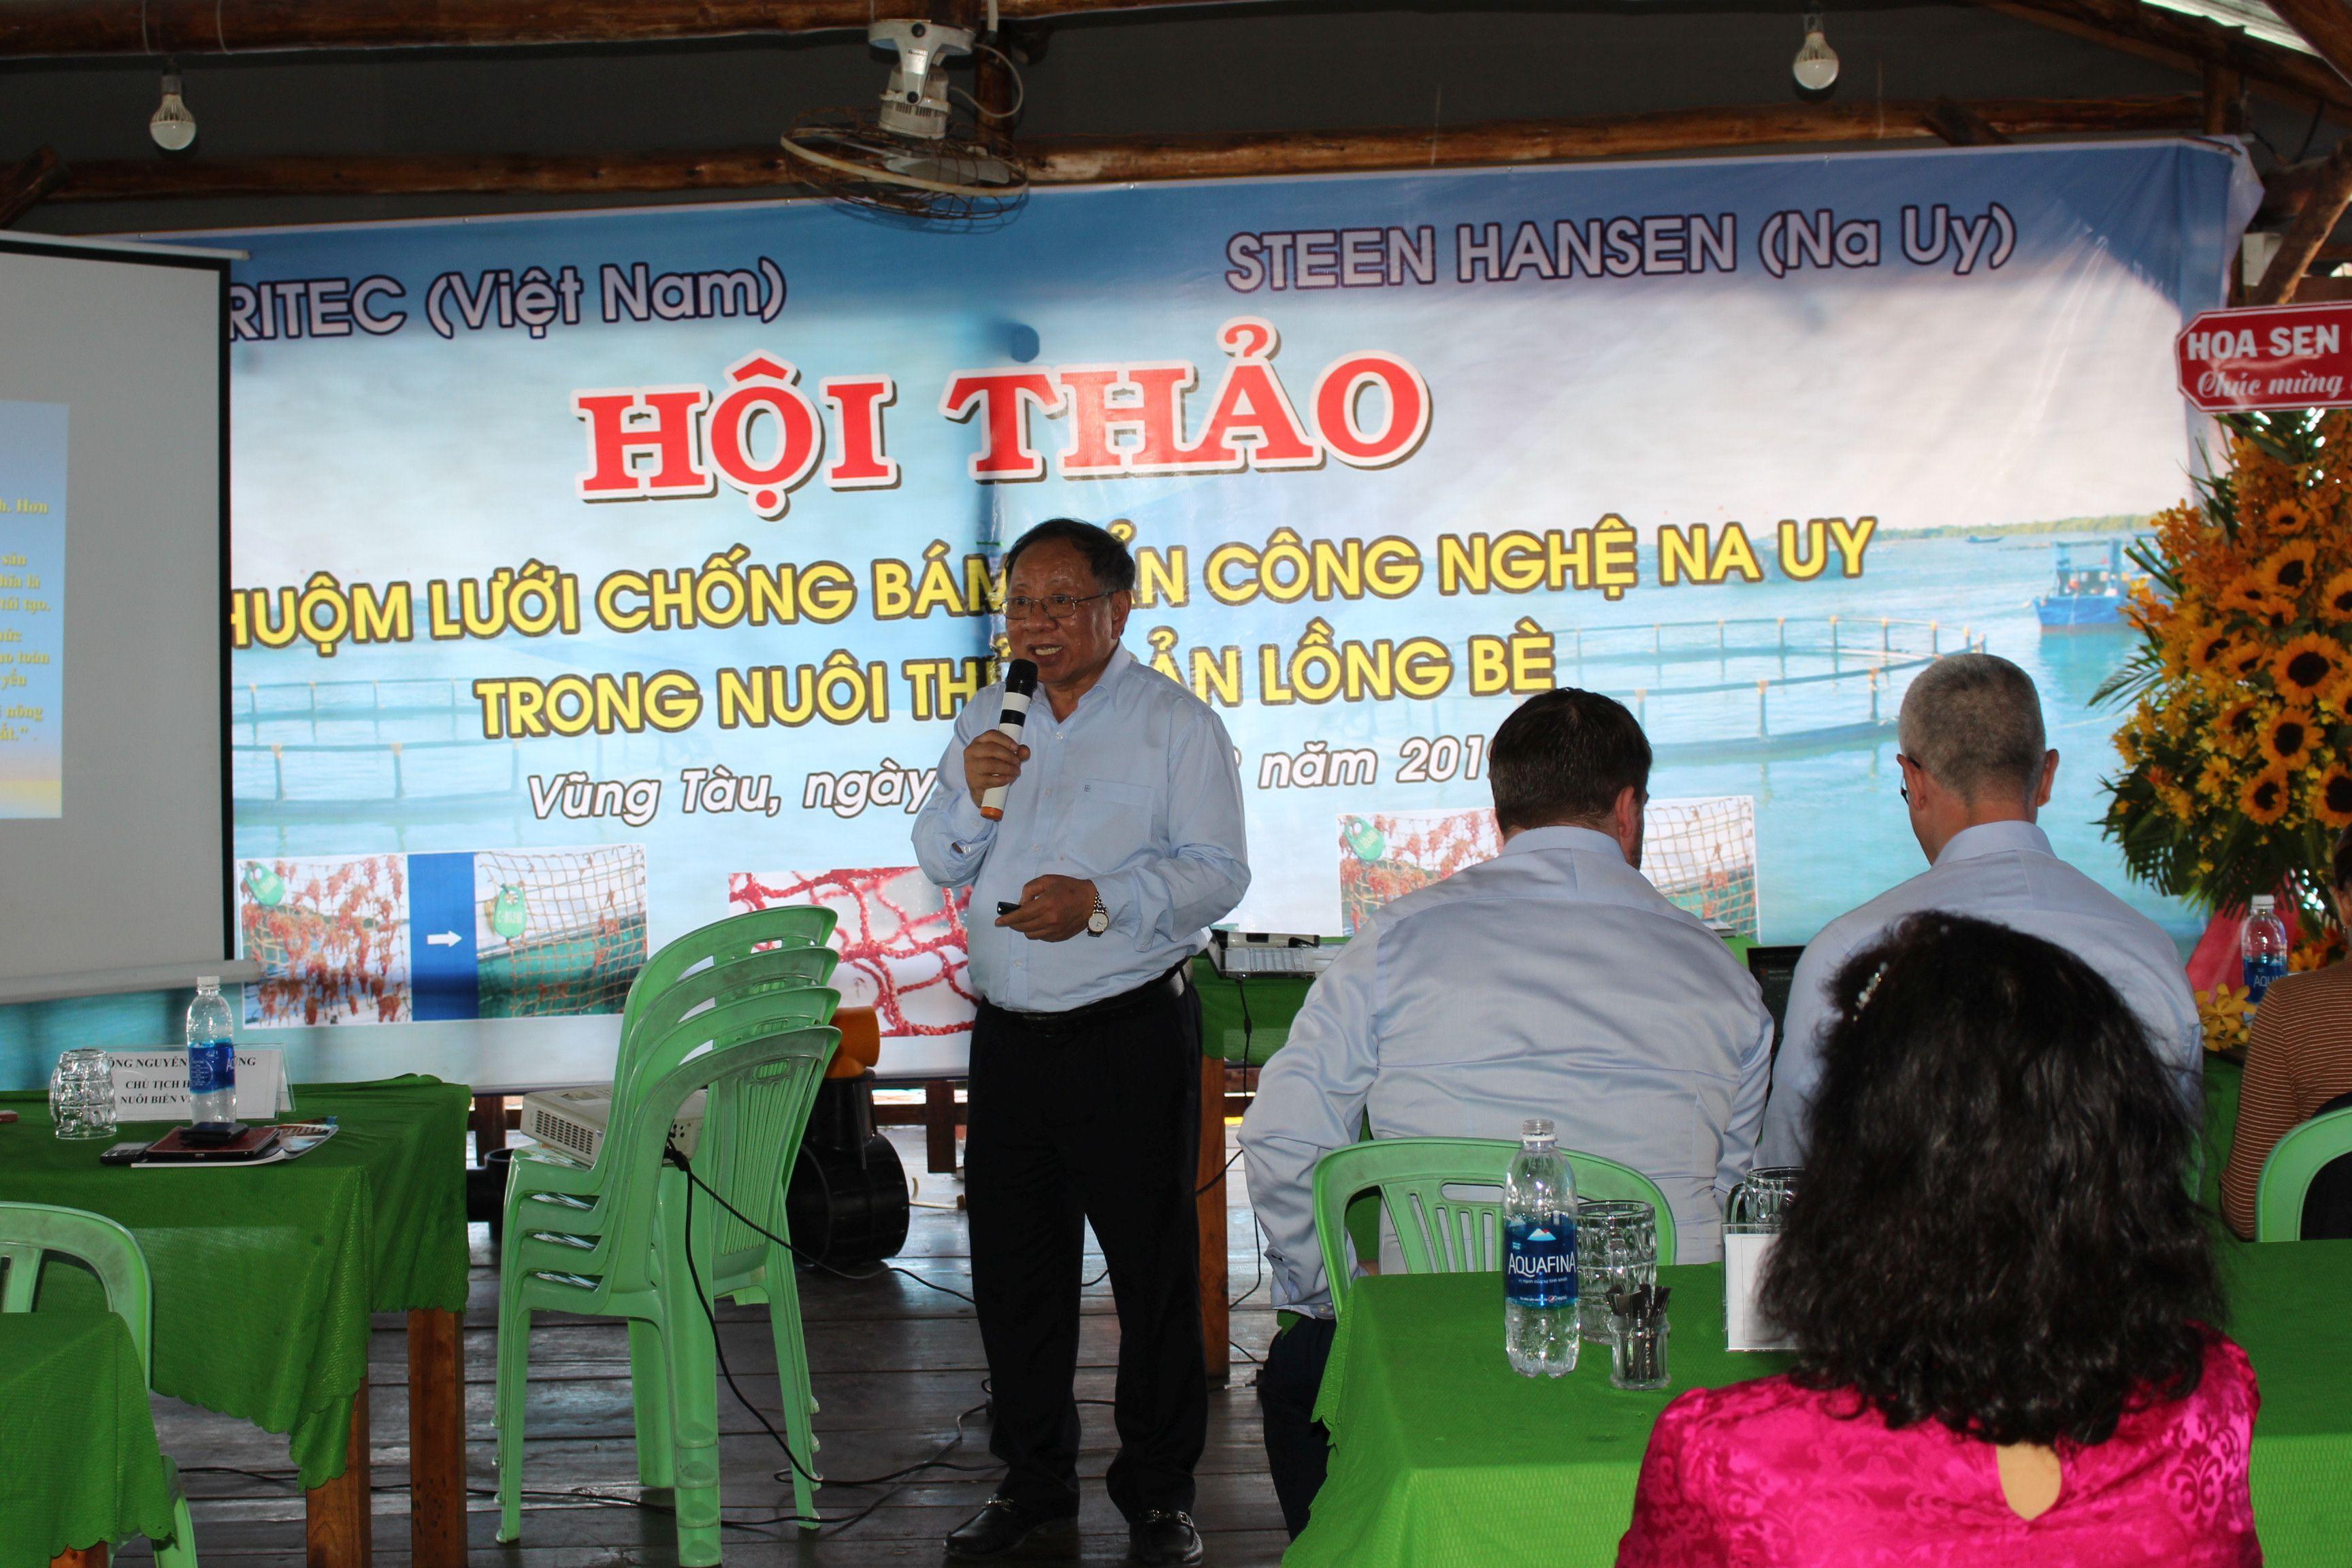 PGS TS Nguyễn Hữu Dũng, chủ tịch Hiệp hội nuôi biển Việt Nam phát biểu tại Hội nghị. Ảnh: Nguyễn Bá Thông.